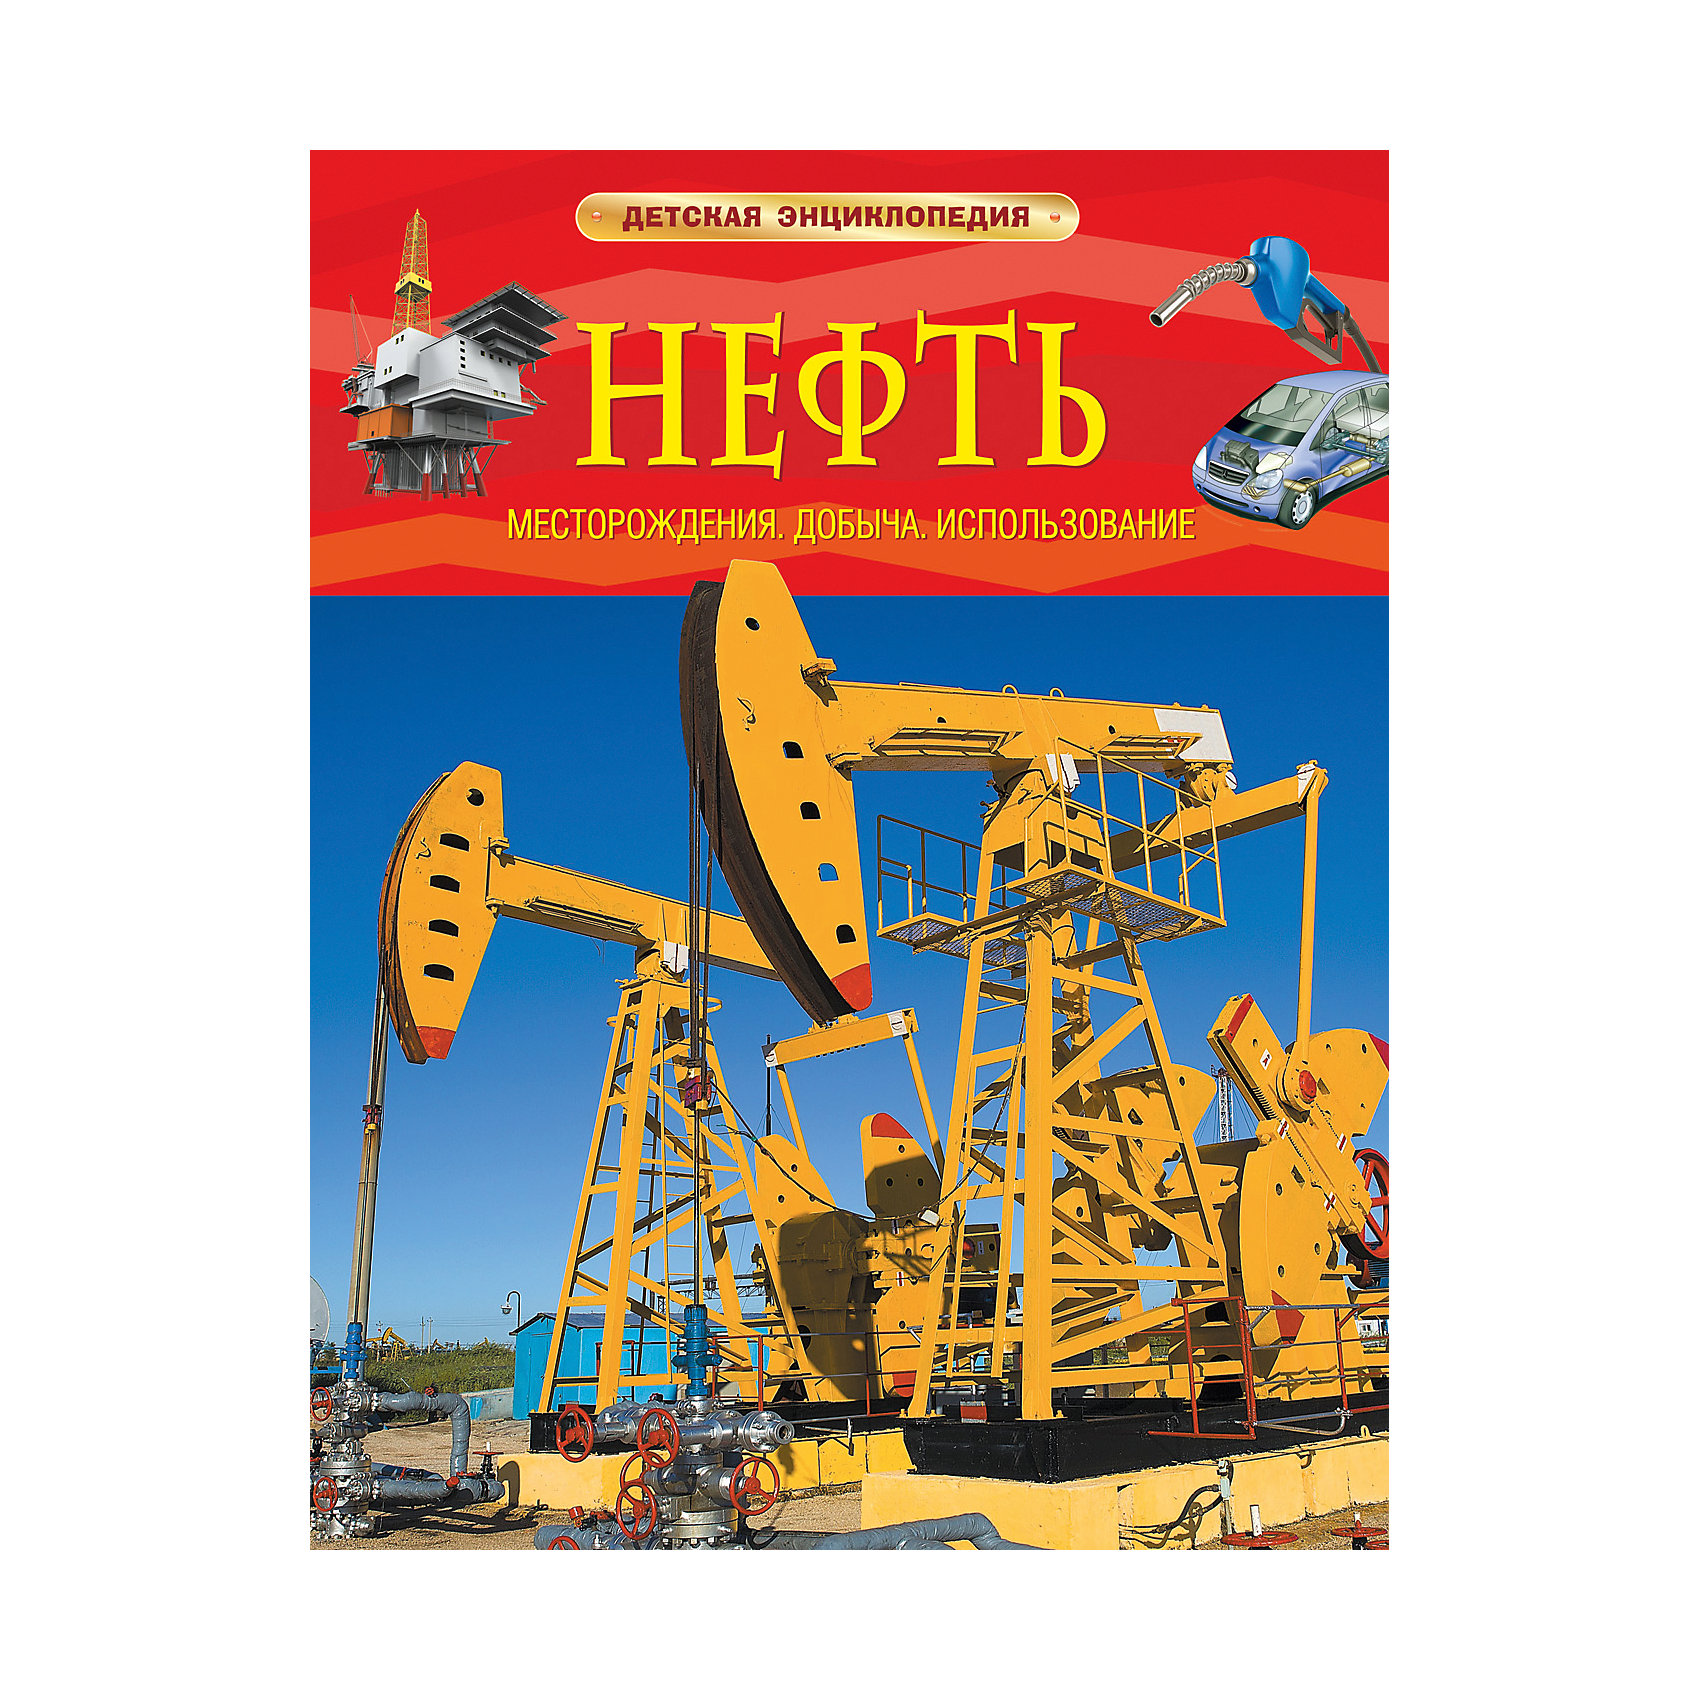 Нефть. Месторождения, добыча, использованиеЭнциклопедии всё обо всём<br>Характеристики товара:<br><br>- цвет: разноцветный;<br>- материал: бумага;<br>- страниц: 48;<br>- формат: 20 x 26 см;<br>- обложка: твердая;<br>- цветные иллюстрации.<br><br>Эта интересная книга с иллюстрациями станет отличным подарком для ребенка. Она содержит в себе ответы на вопросы, которые интересуют малышей. Всё представлено в очень простой форме! Талантливый иллюстратор дополнил книгу качественными рисунками, которые помогают ребенку понять суть многих вещей в нашем мире. Удивительные и интересные факты помогут привить любовь к учебе!<br>Чтение - отличный способ активизации мышления, оно помогает ребенку развивать зрительную память, концентрацию внимания и воображение. Издание произведено из качественных материалов, которые безопасны даже для самых маленьких.<br><br>Книгу Нефть. Месторождения, добыча, использование от компании Росмэн можно купить в нашем интернет-магазине.<br><br>Ширина мм: 265<br>Глубина мм: 200<br>Высота мм: 8<br>Вес г: 333<br>Возраст от месяцев: 60<br>Возраст до месяцев: 84<br>Пол: Унисекс<br>Возраст: Детский<br>SKU: 5109972